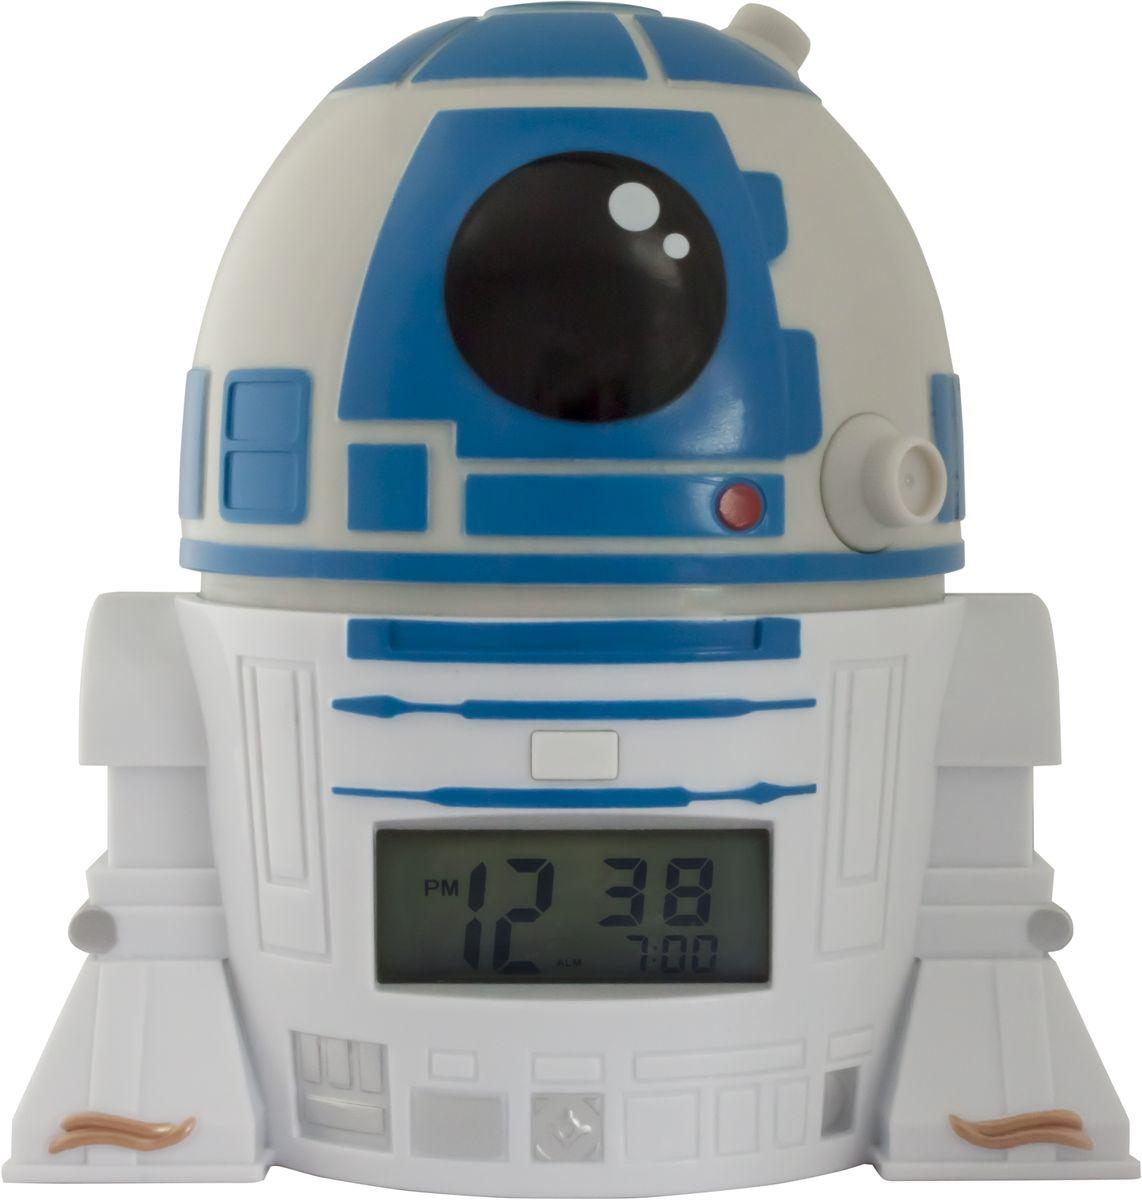 Star Wars Будильник BulbBotz R2-D22021401BulbBotz (дословно лампа бот)- будильник в виде минифигуры любимого героя Звездных Войн, по форме напоминающий лампу накаливания, оснащен цифровым дисплеем с подсветкой и функцией повтора звукового сигнала. Для того, чтобы включить/выключить будильник, нужно нажать на голову минифигуры, которая также подсвечивается!В комплект входят 2 батарейки (ААА).Высота минифигуры: 14 см